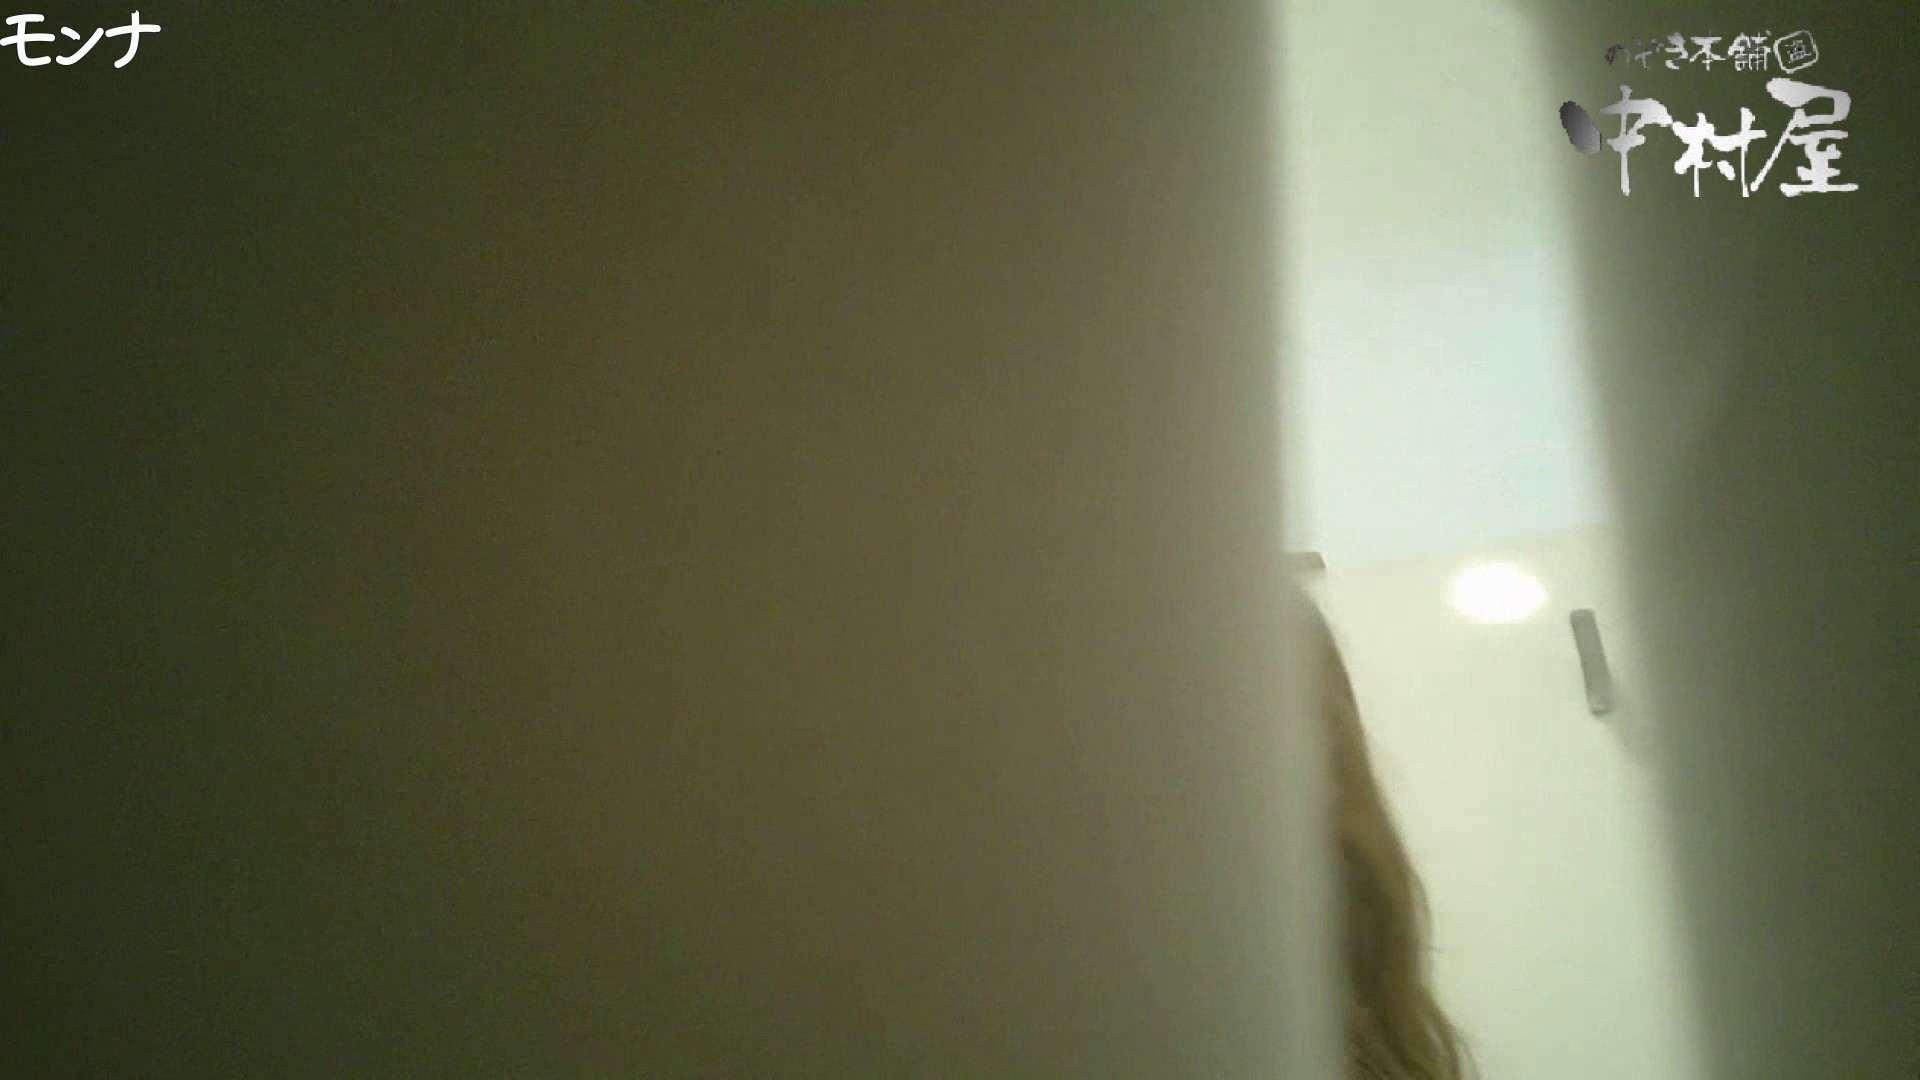 有名大学女性洗面所 vol.65 秘技!!マルチアングル天井撮り!! マルチアングル | 投稿  106PIX 86